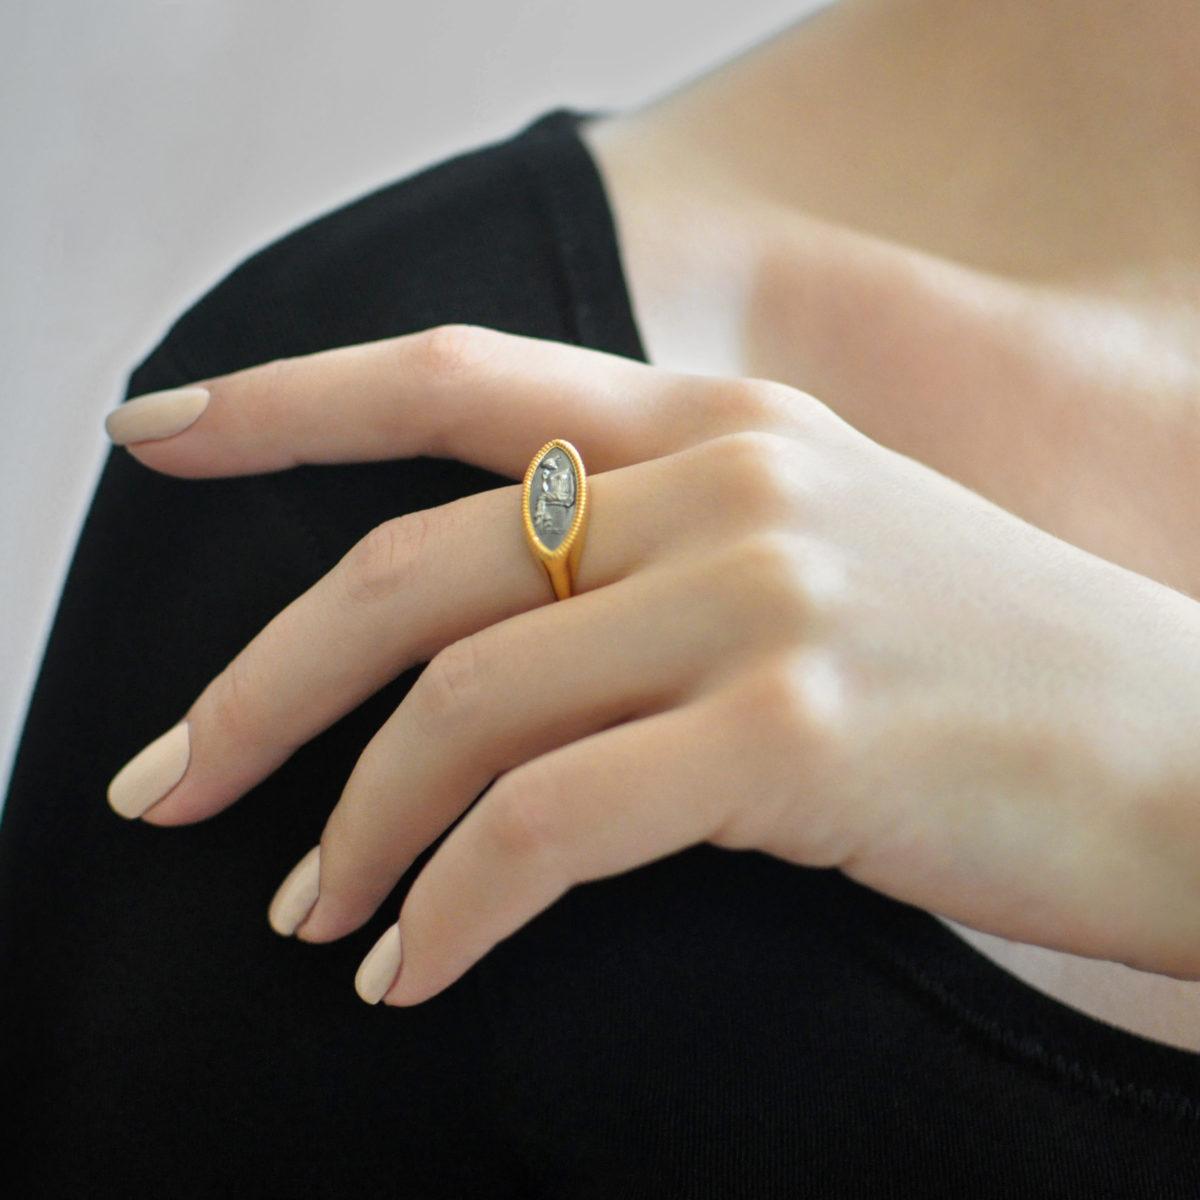 Zolochenie 2 1200x1200 - Кольцо из серебра «Пенелопа»